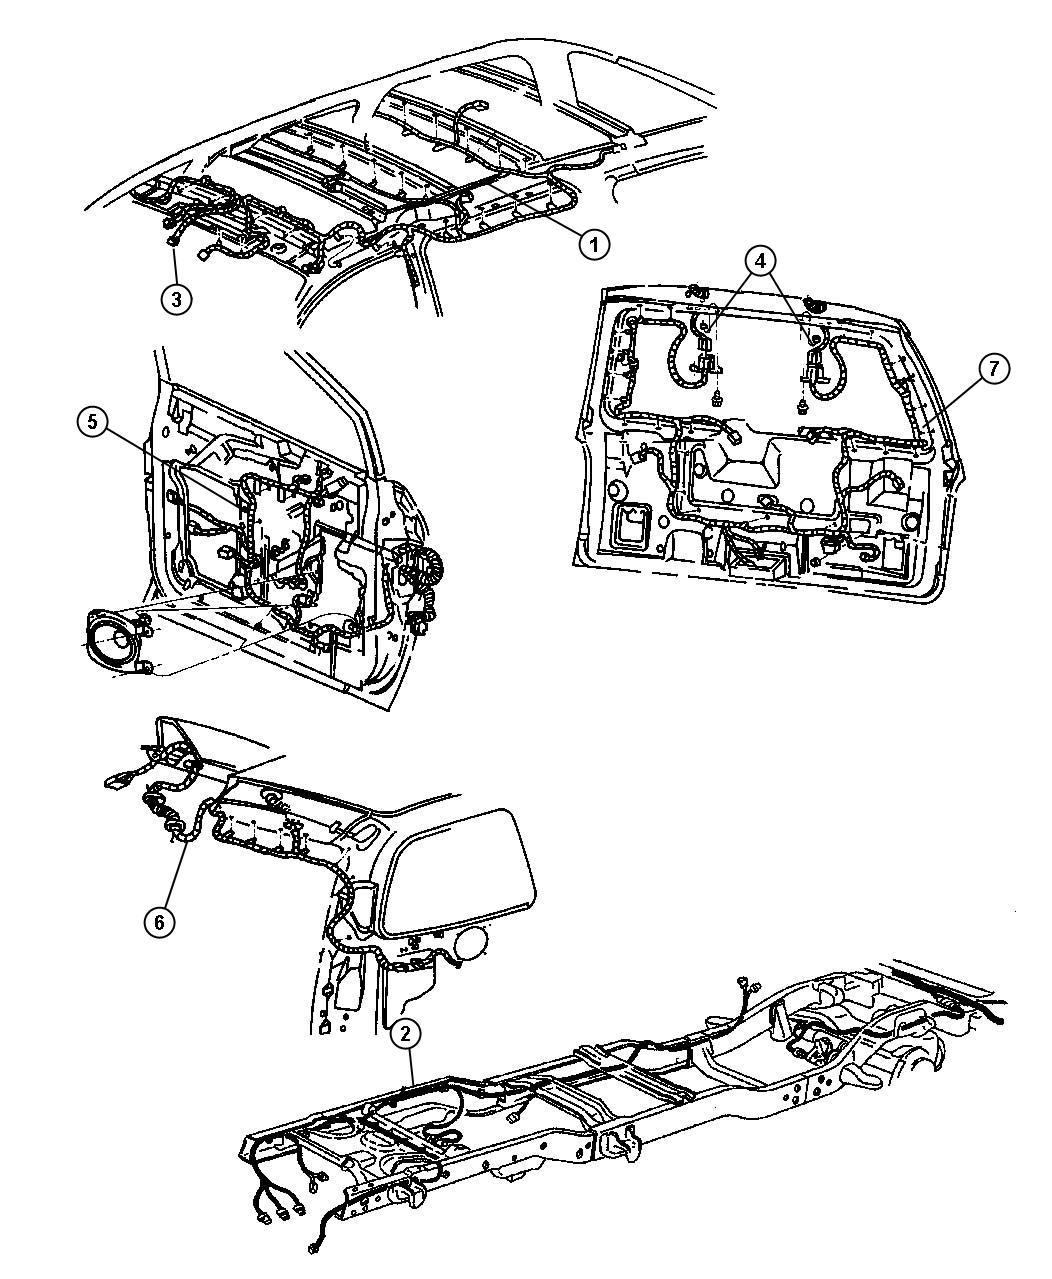 Dodge Caravan Connector. 7 way. Ahc, pollak, sseries